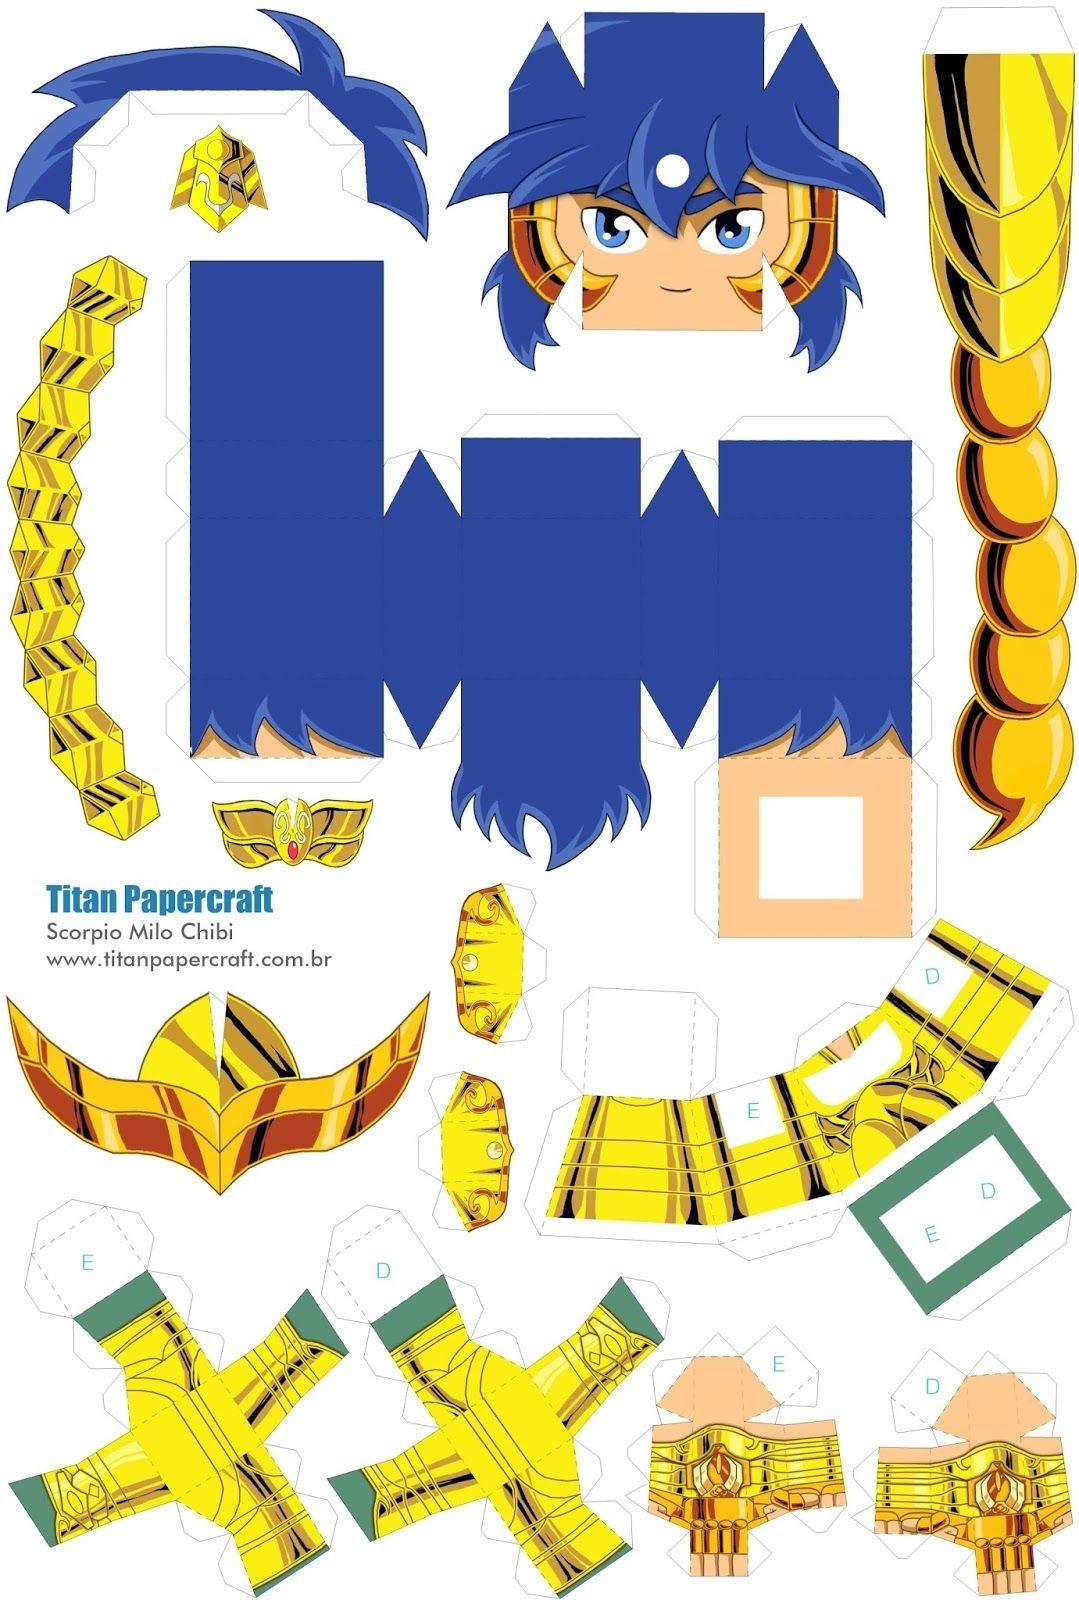 Naruto Papercraft Monte E Colecione Papercraft De Seus Personagens Preferidos